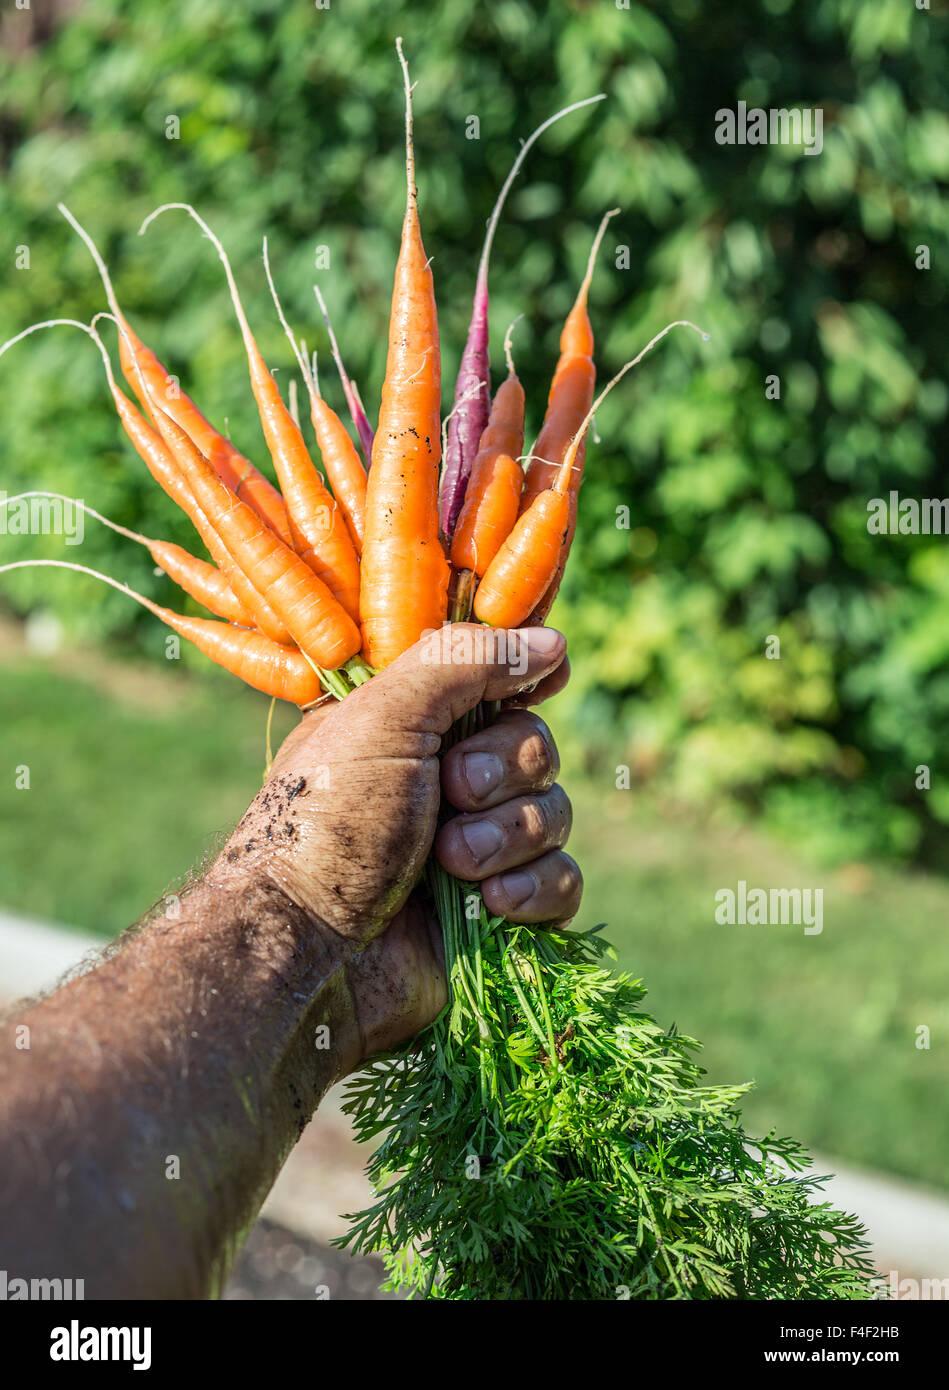 Le carote di mano d'uomo. Immagini Stock